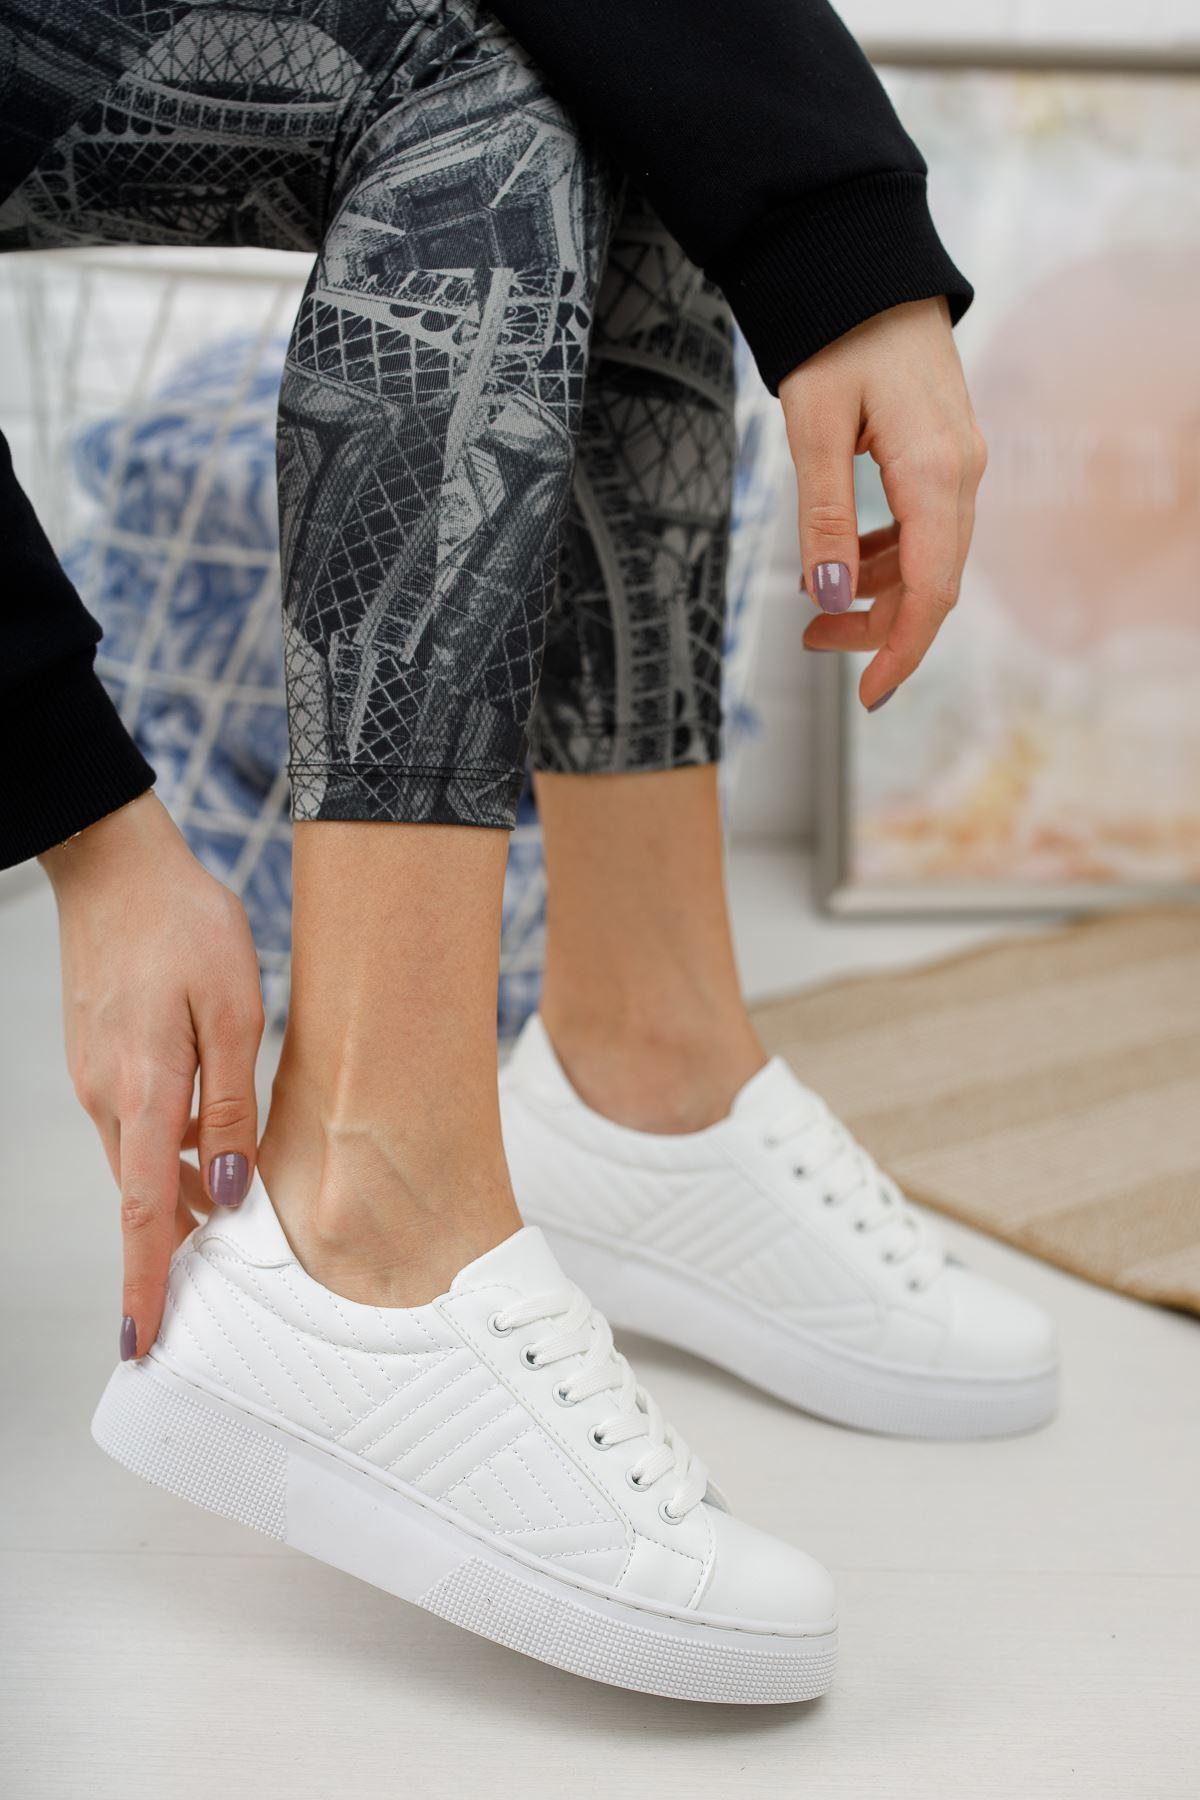 Marita Kapitoneli Bağcıklı Beyaz Spor Ayakkabı